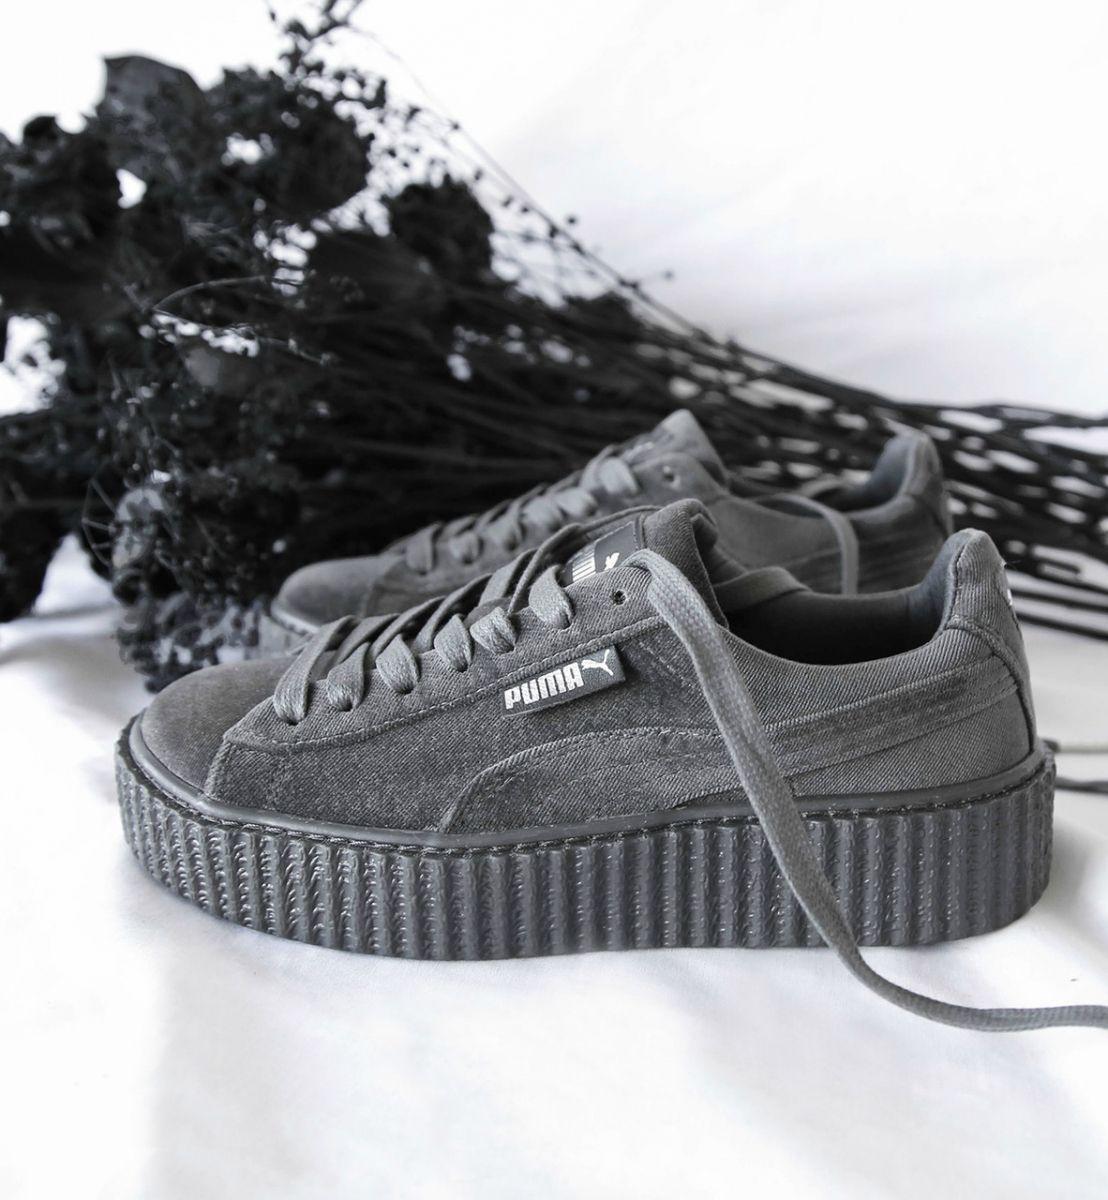 pumashoes #rihanna #creeper #velvet #fenty #suede #puma